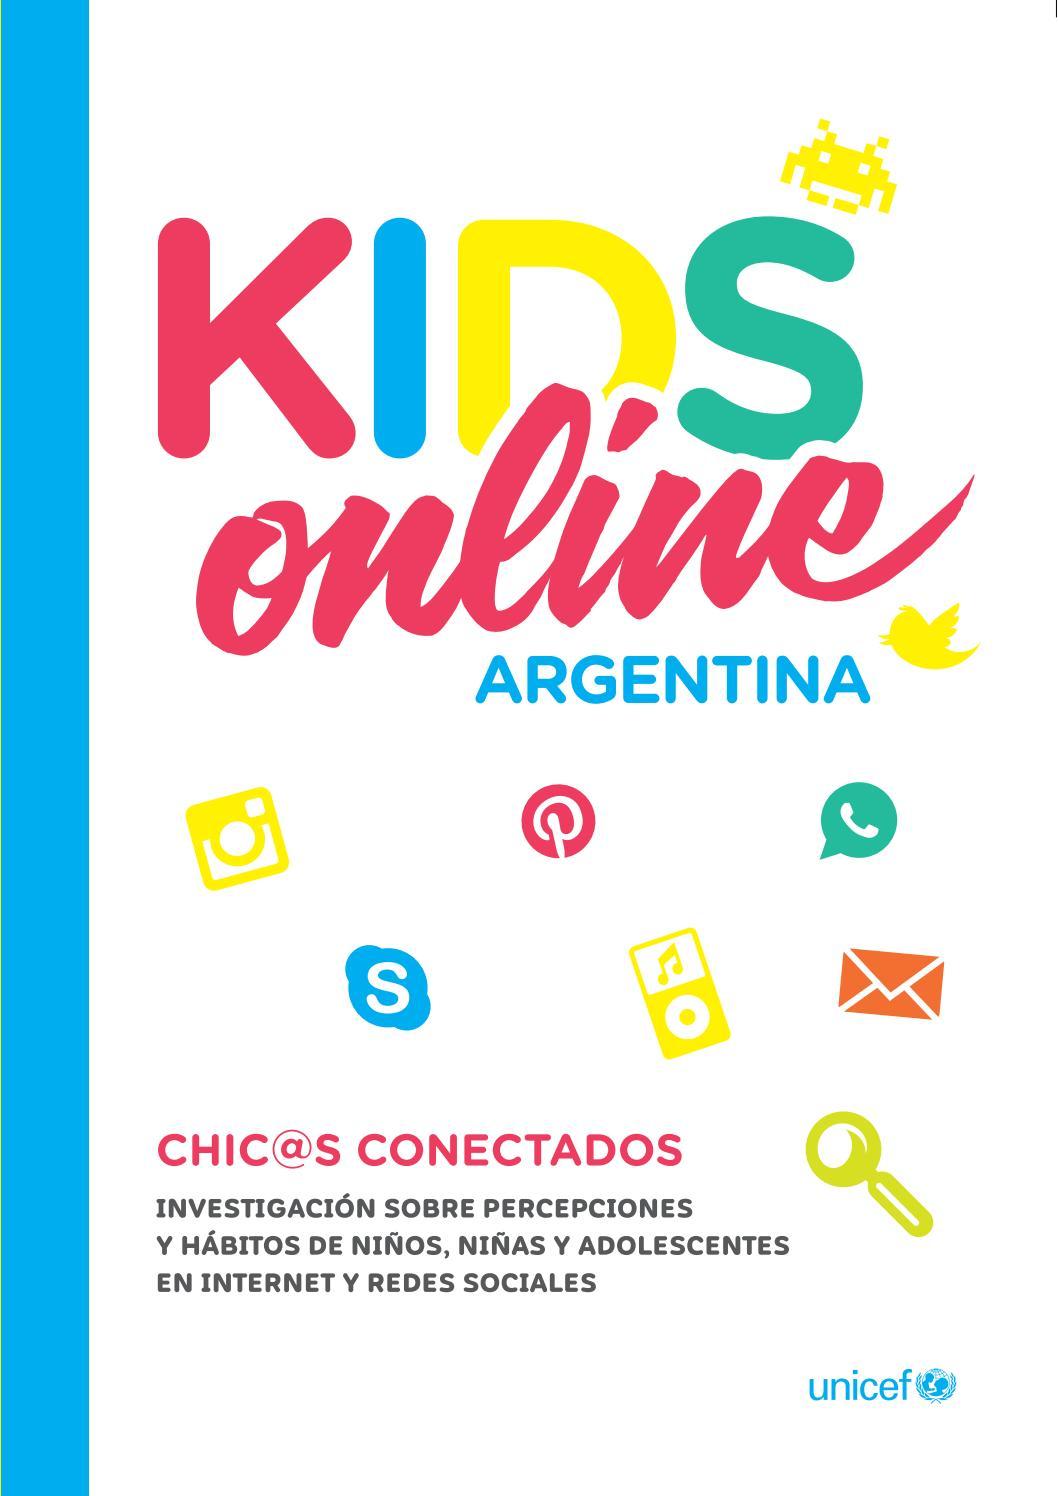 Adolescentes Primera Vez Porno kids online argentina - chic@s conectados - unicef